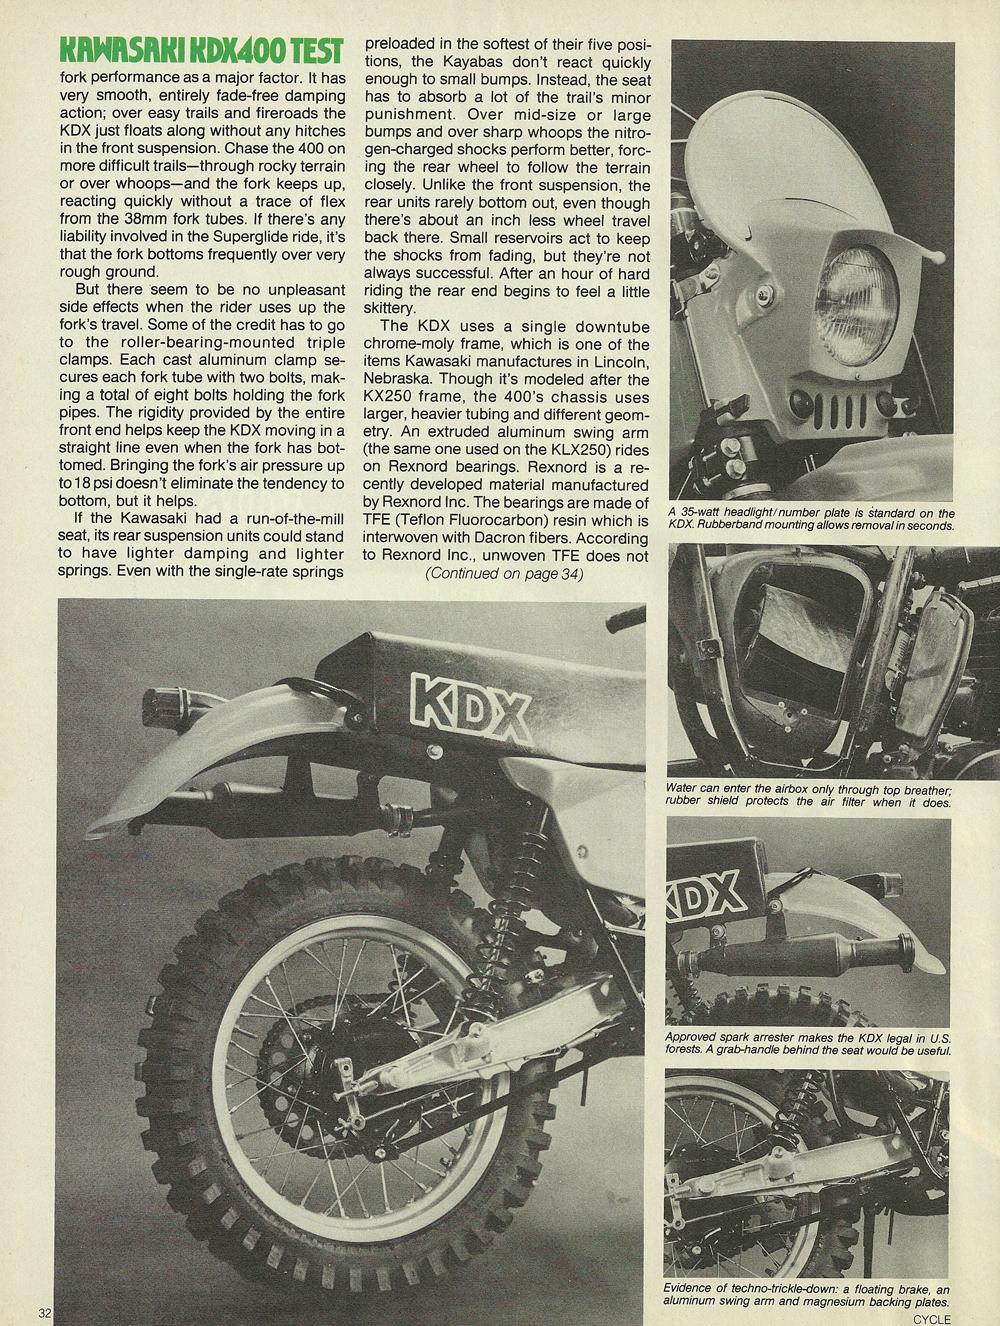 1979 Kawasaki KDX400 off road test 5.jpg